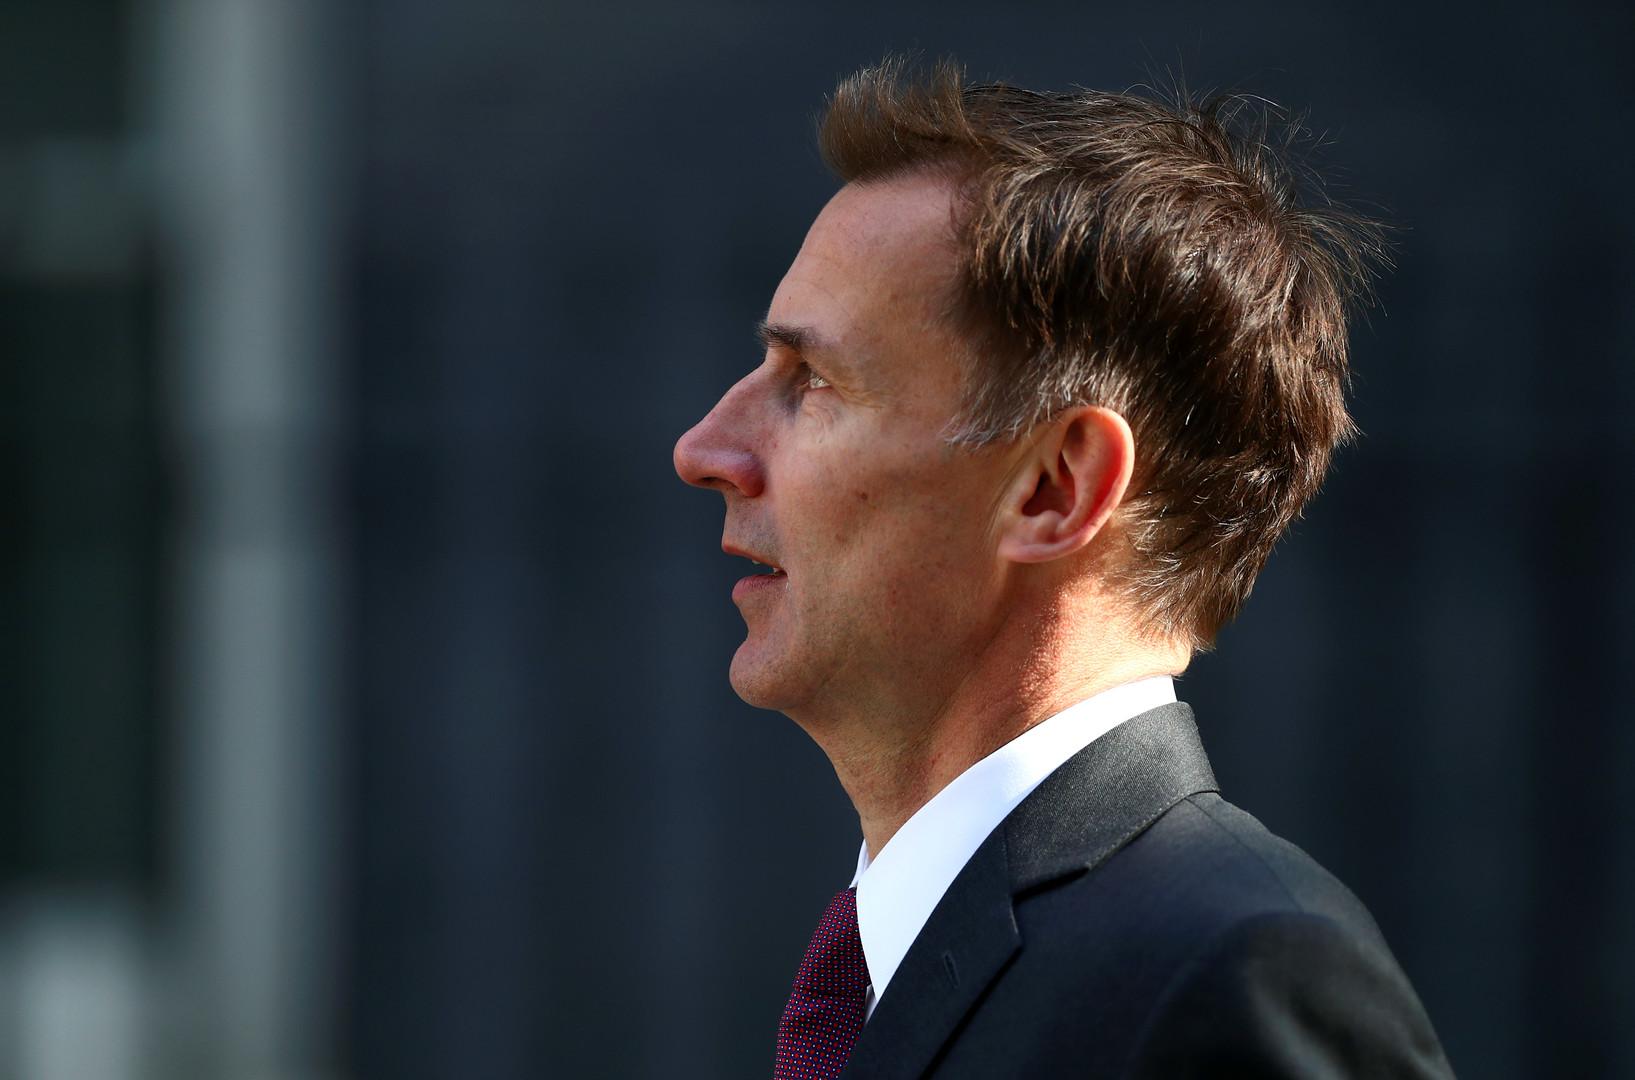 جيريمي هانت وزير الخارجية البريطاني-أرشيف